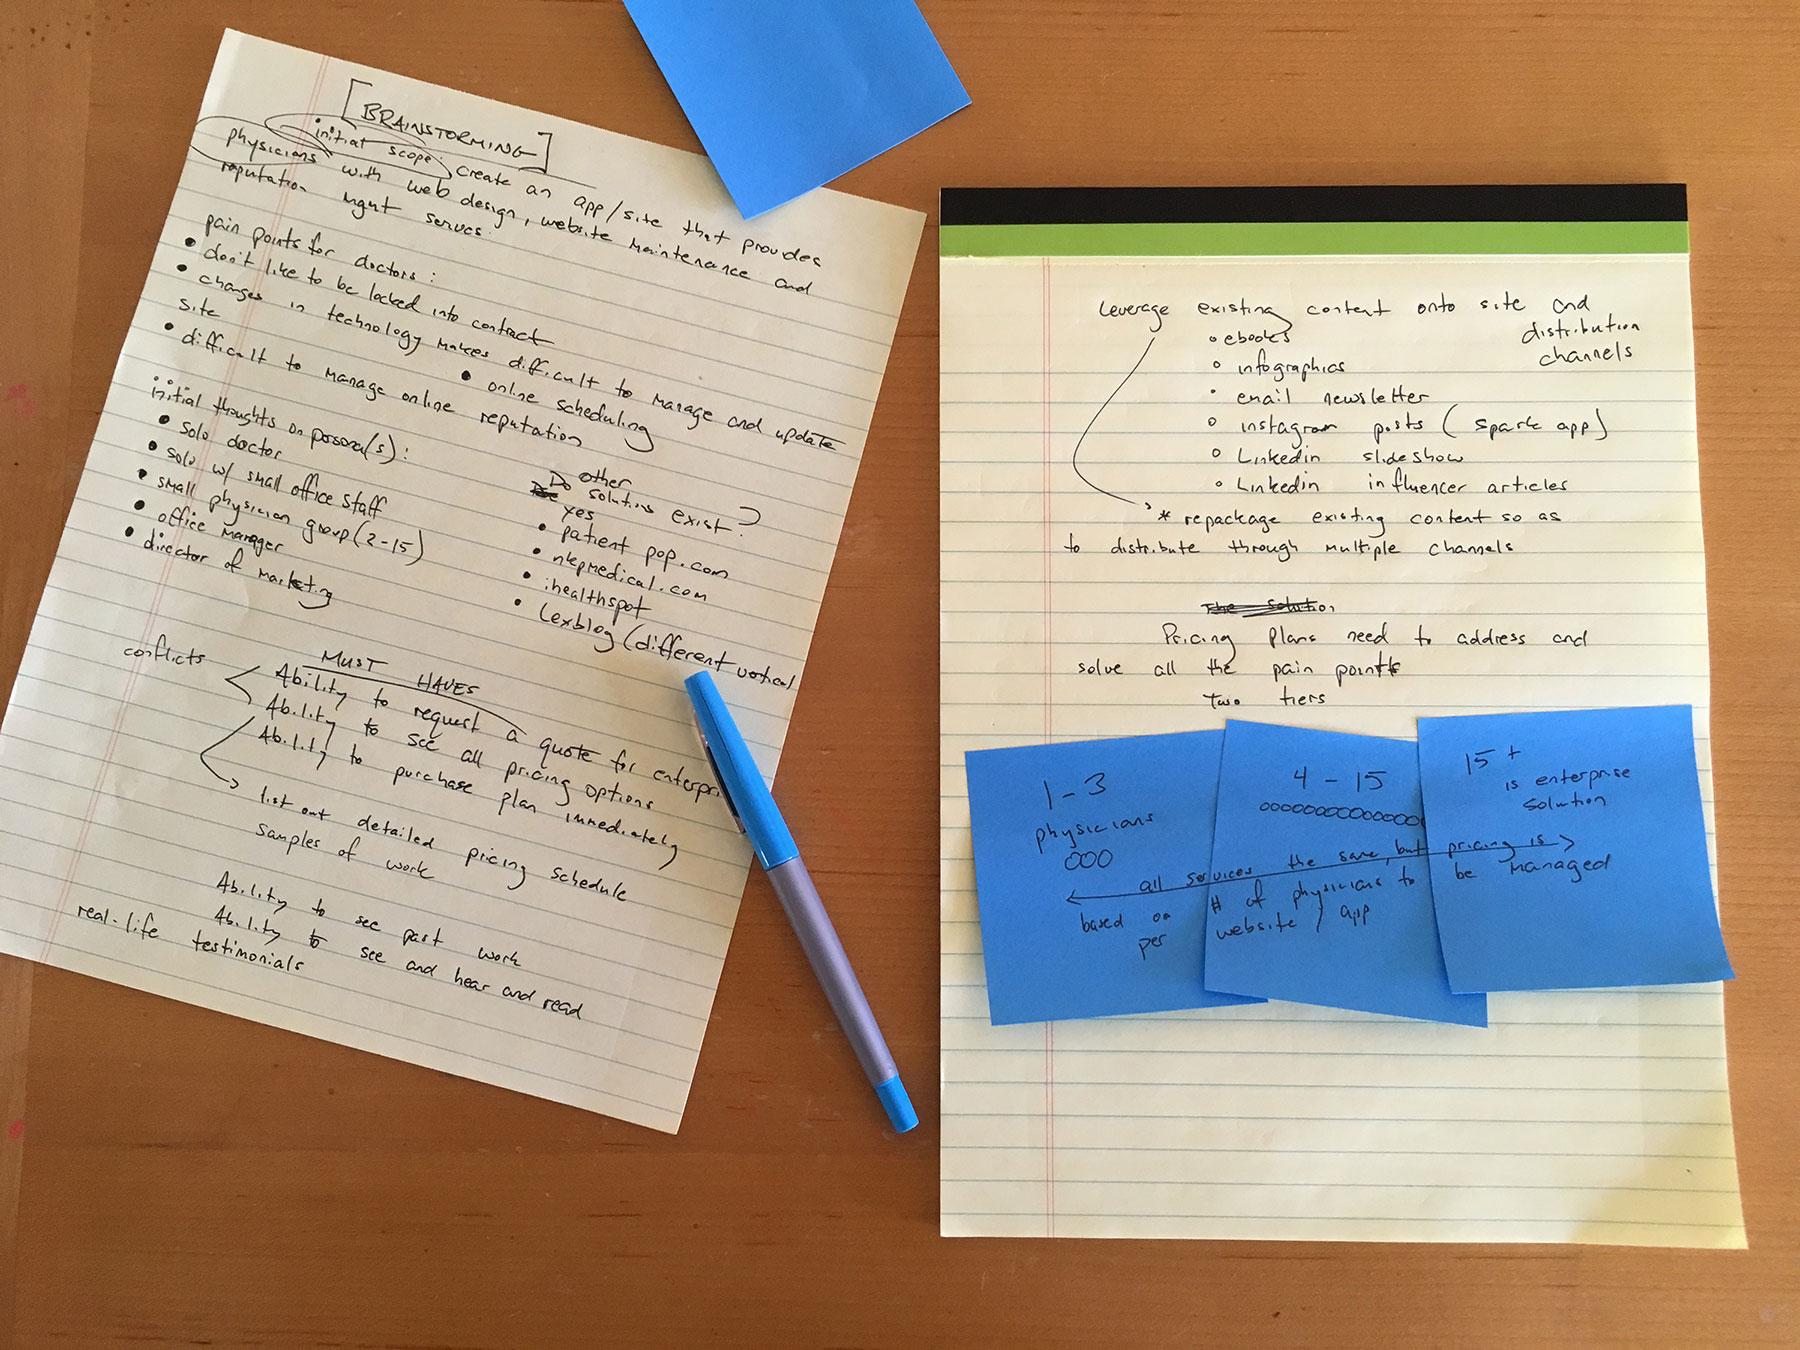 Affinity Diagram & Card Sorting